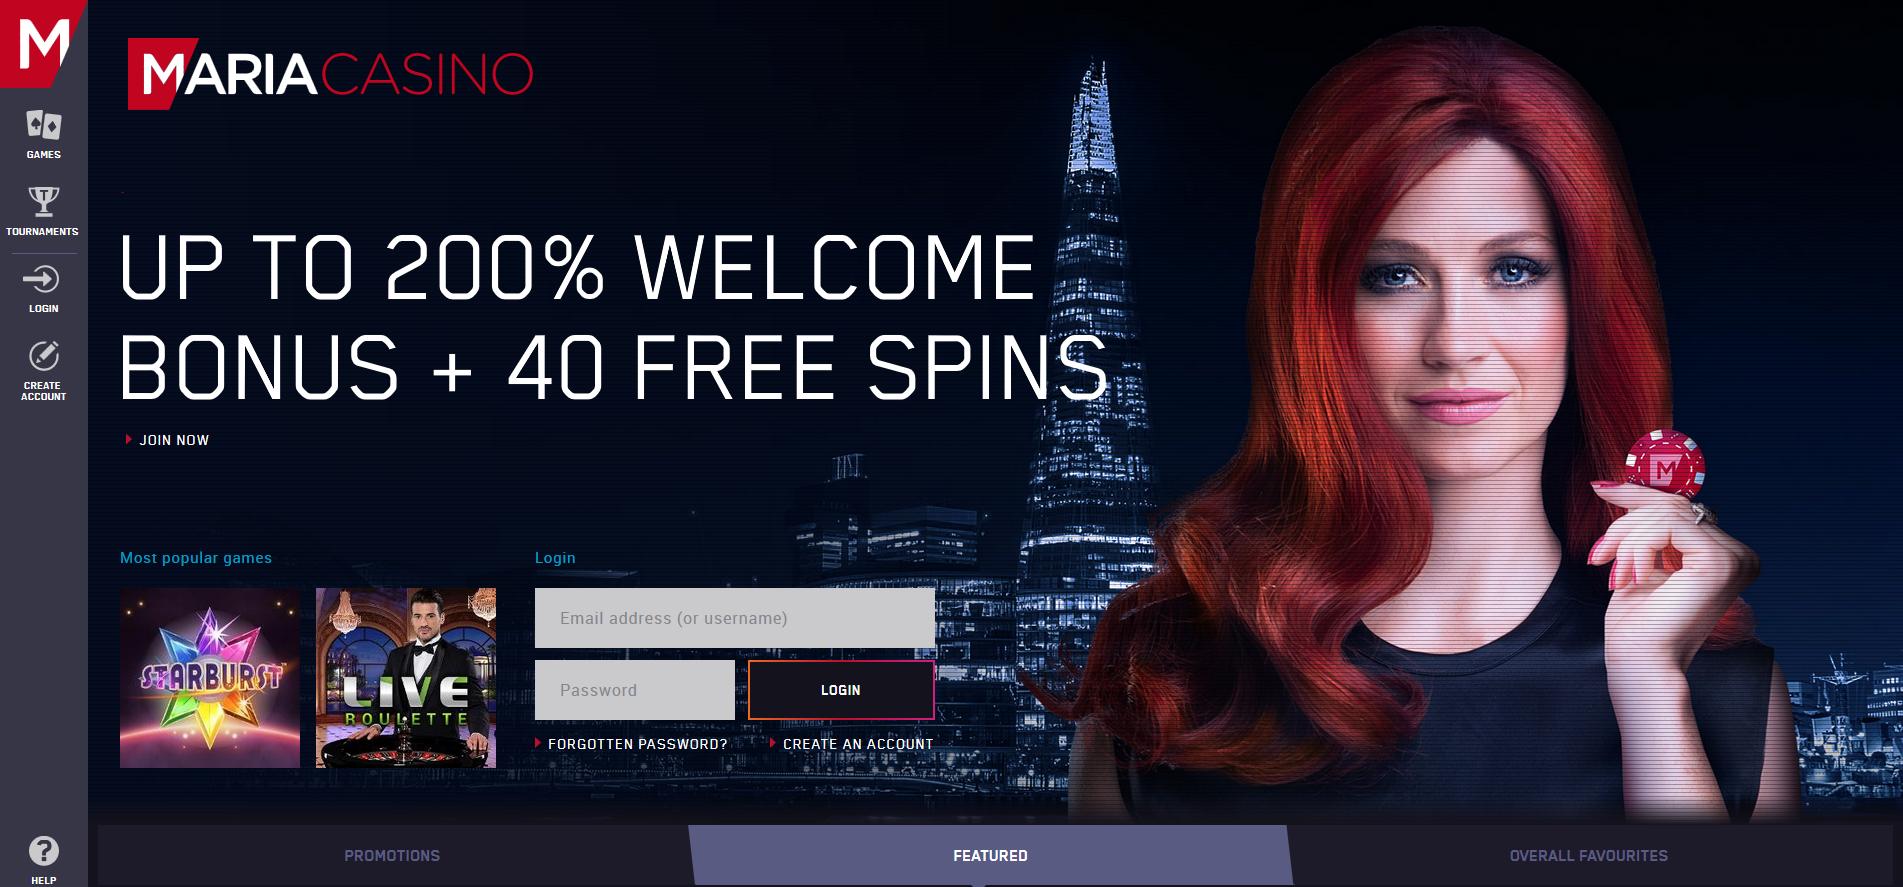 casino maria.com